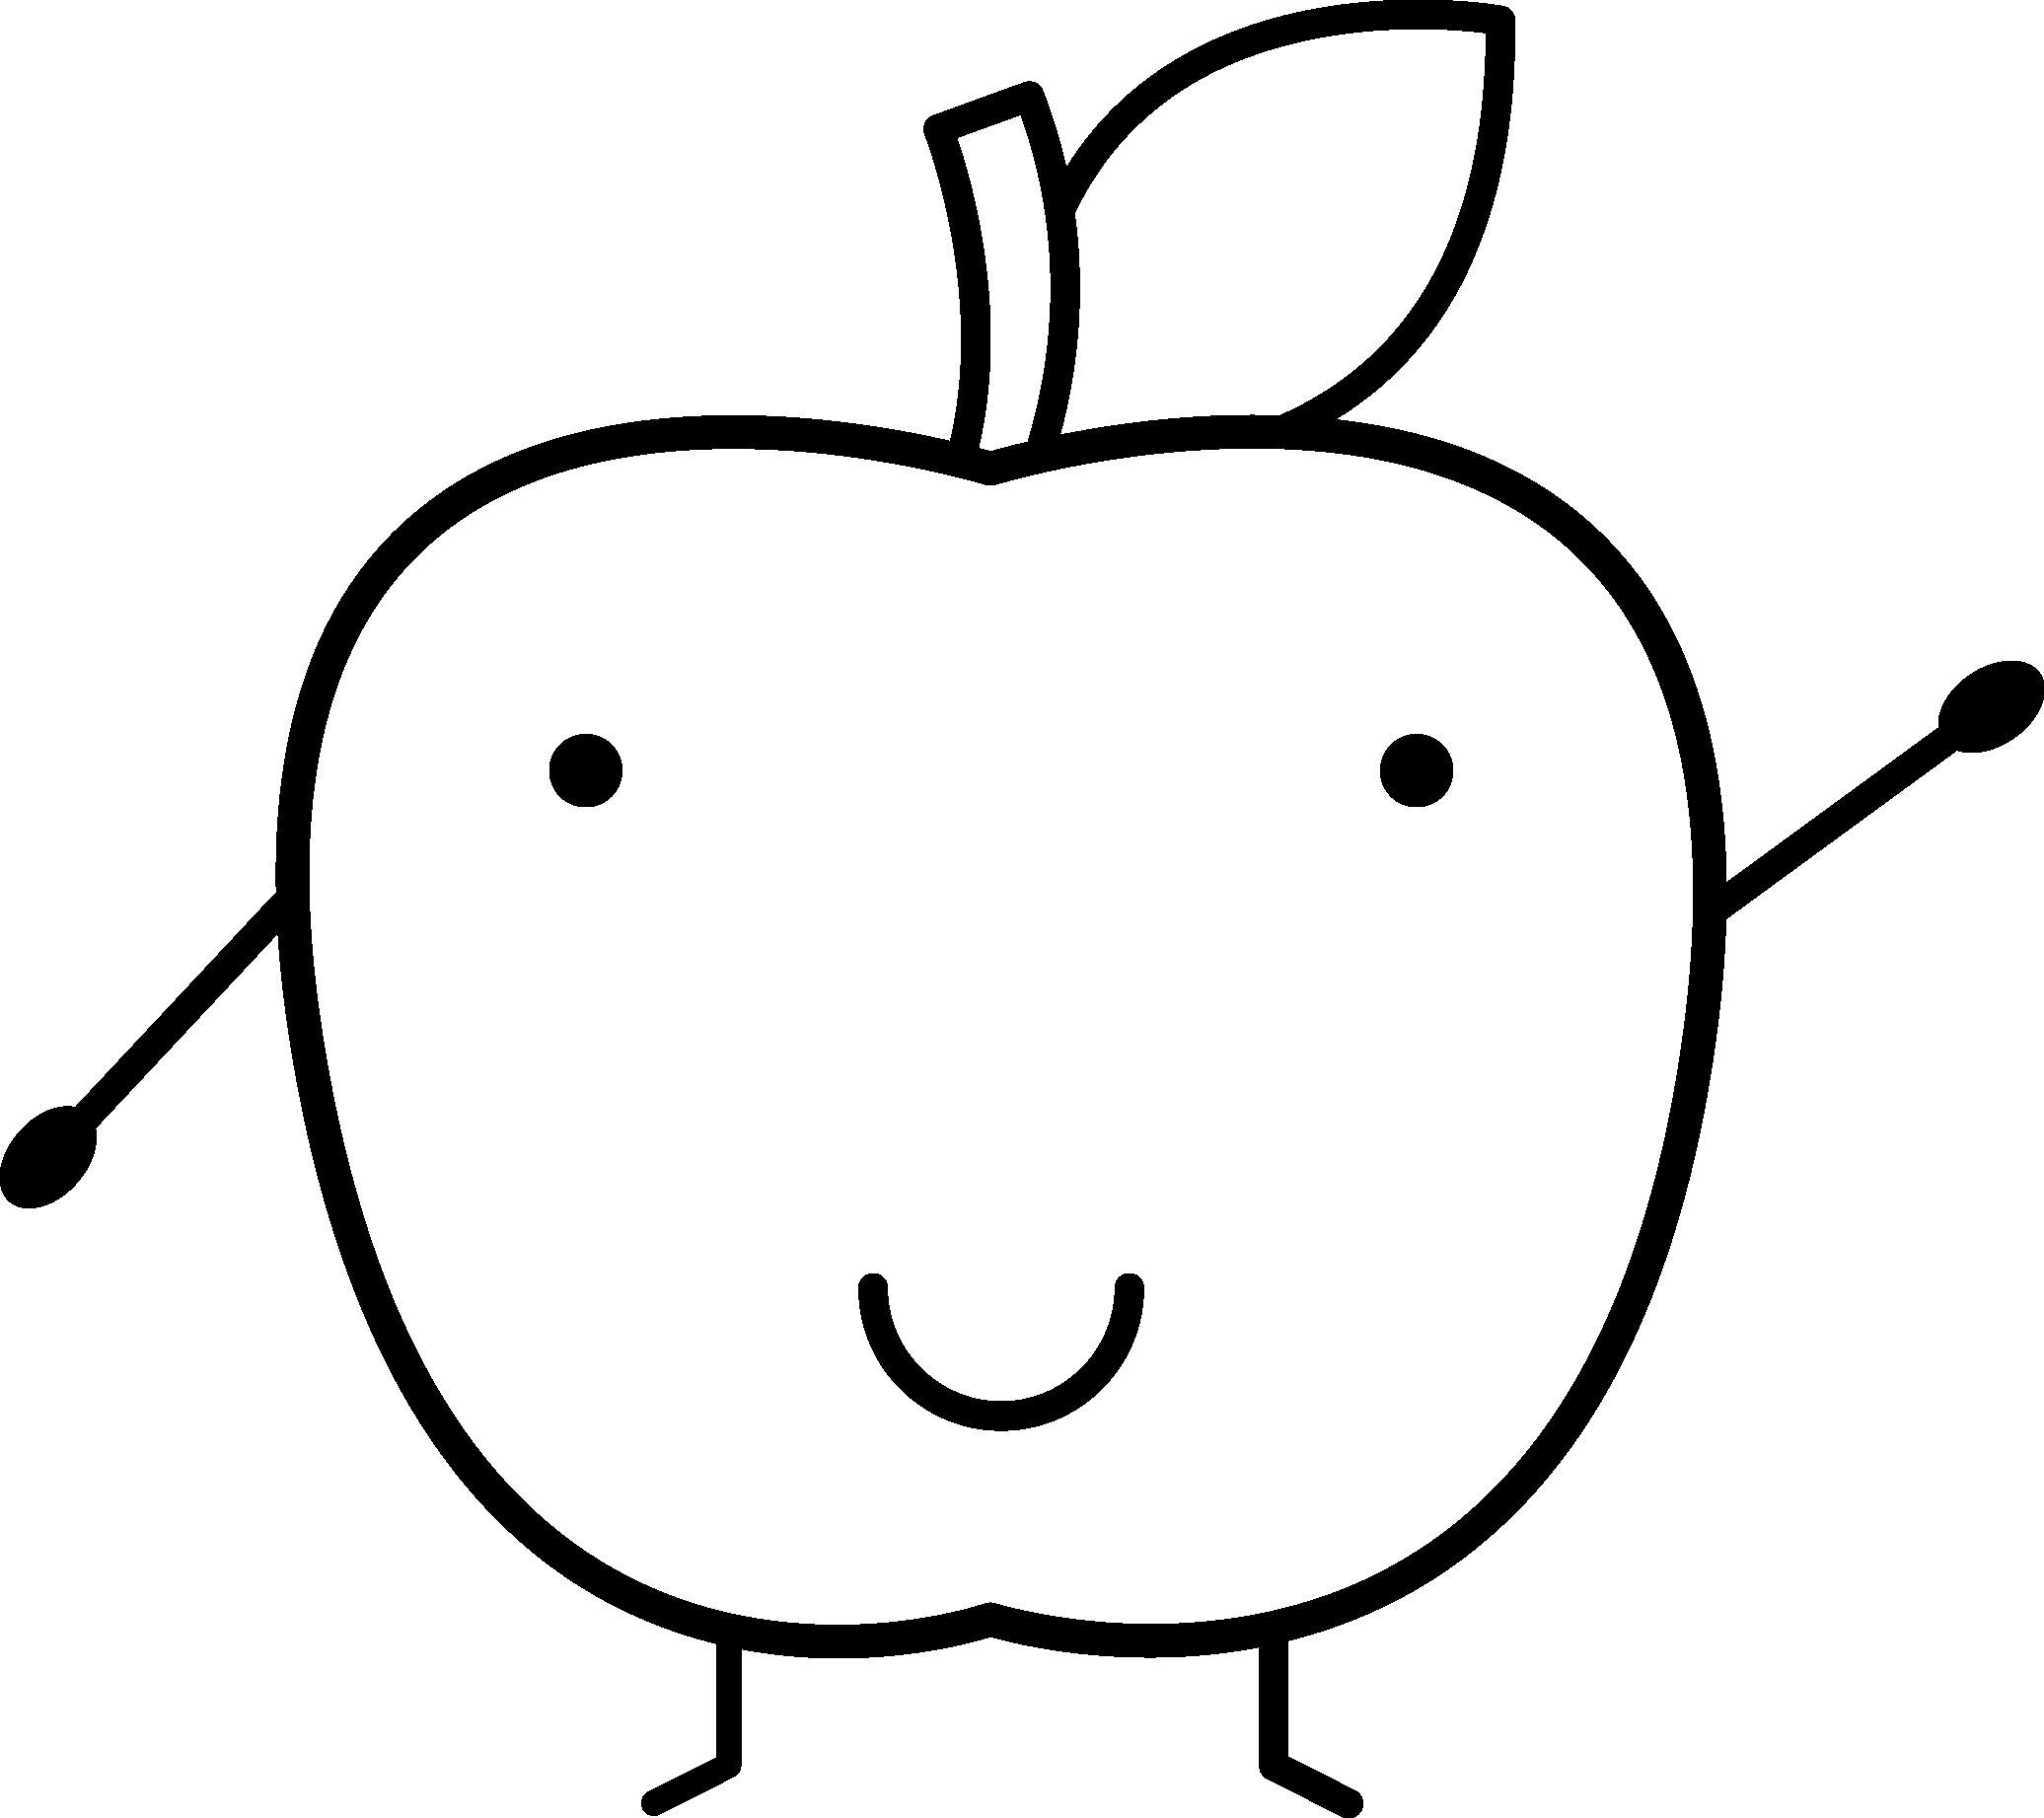 Die Kleine Raupe Nimmersatt Ausmalbild Frisch Smiling Apple Schön Kleine Raupe Nimmersatt Ausmalbilder Bilder